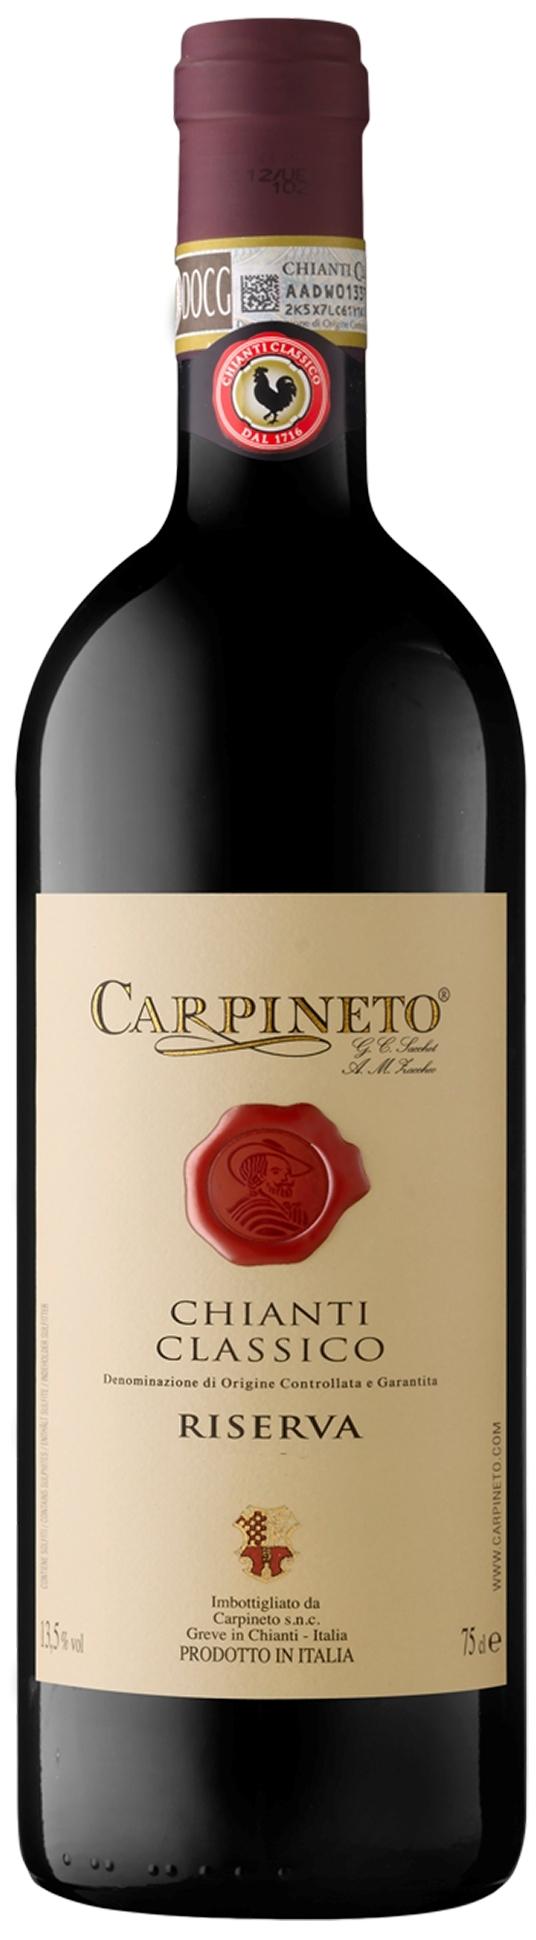 Carpineto Chianti Classico Riserva  DOCG